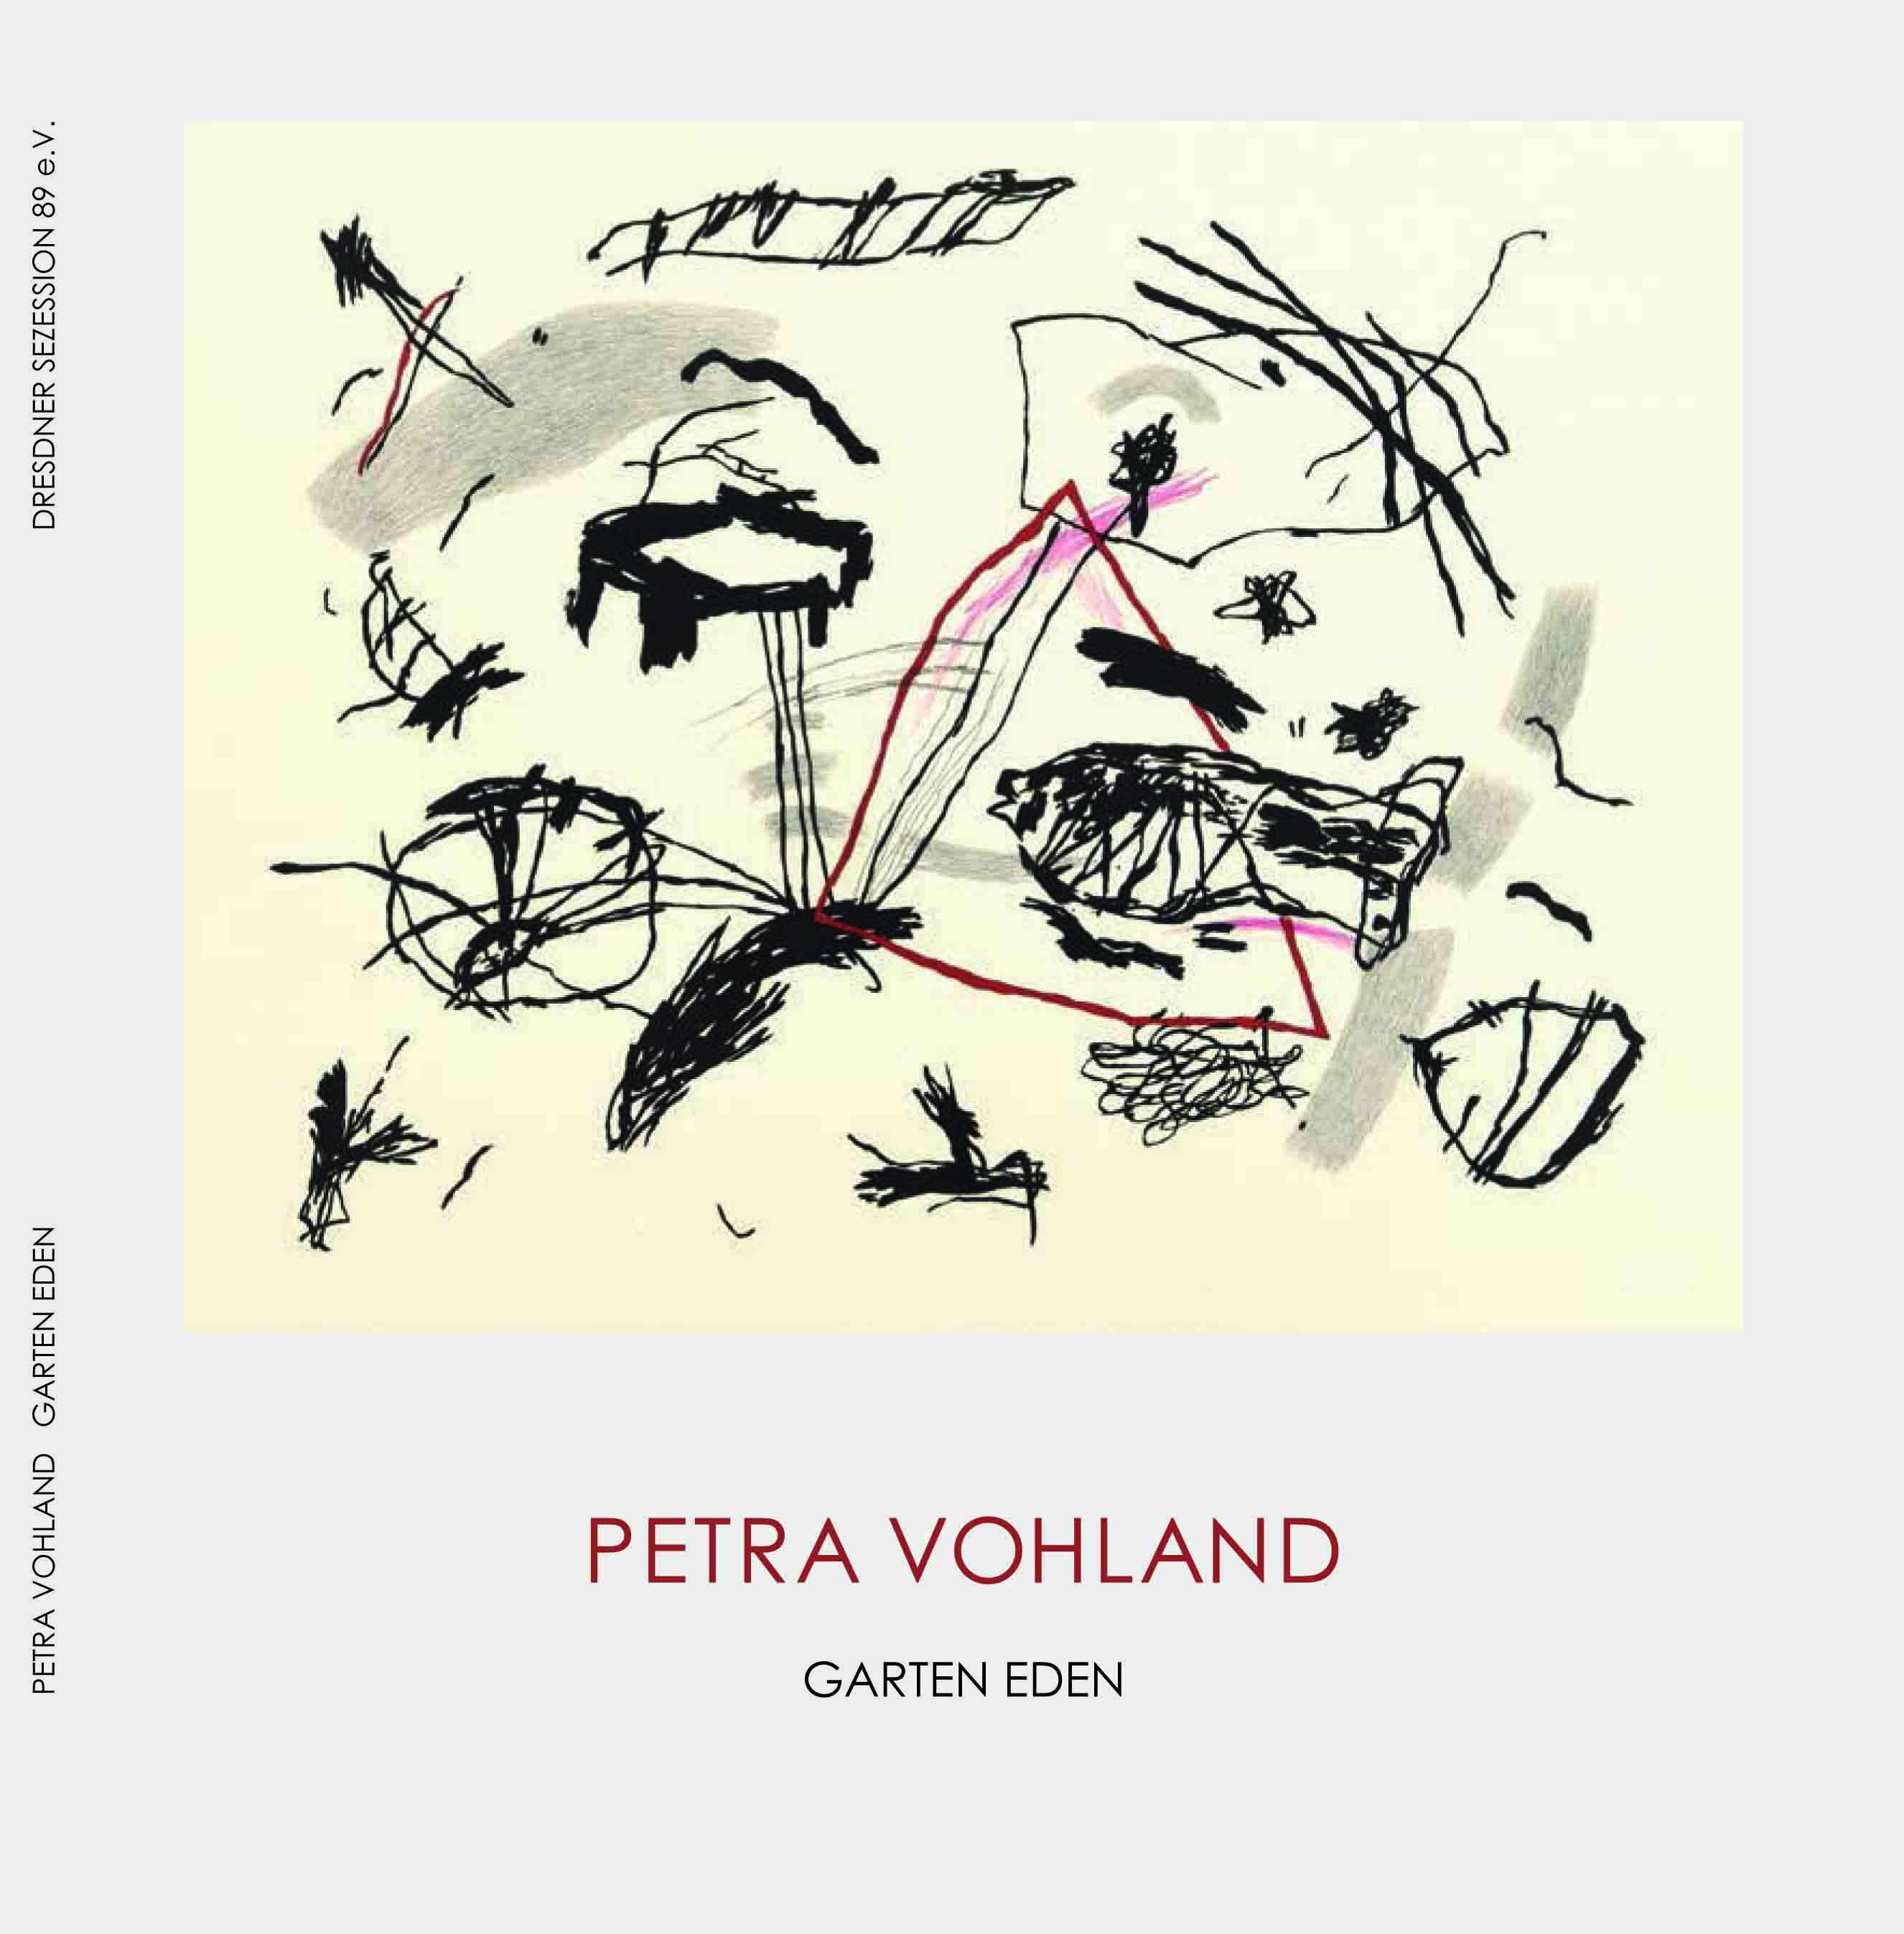 Katalog Petra Vohland, Garten Eden